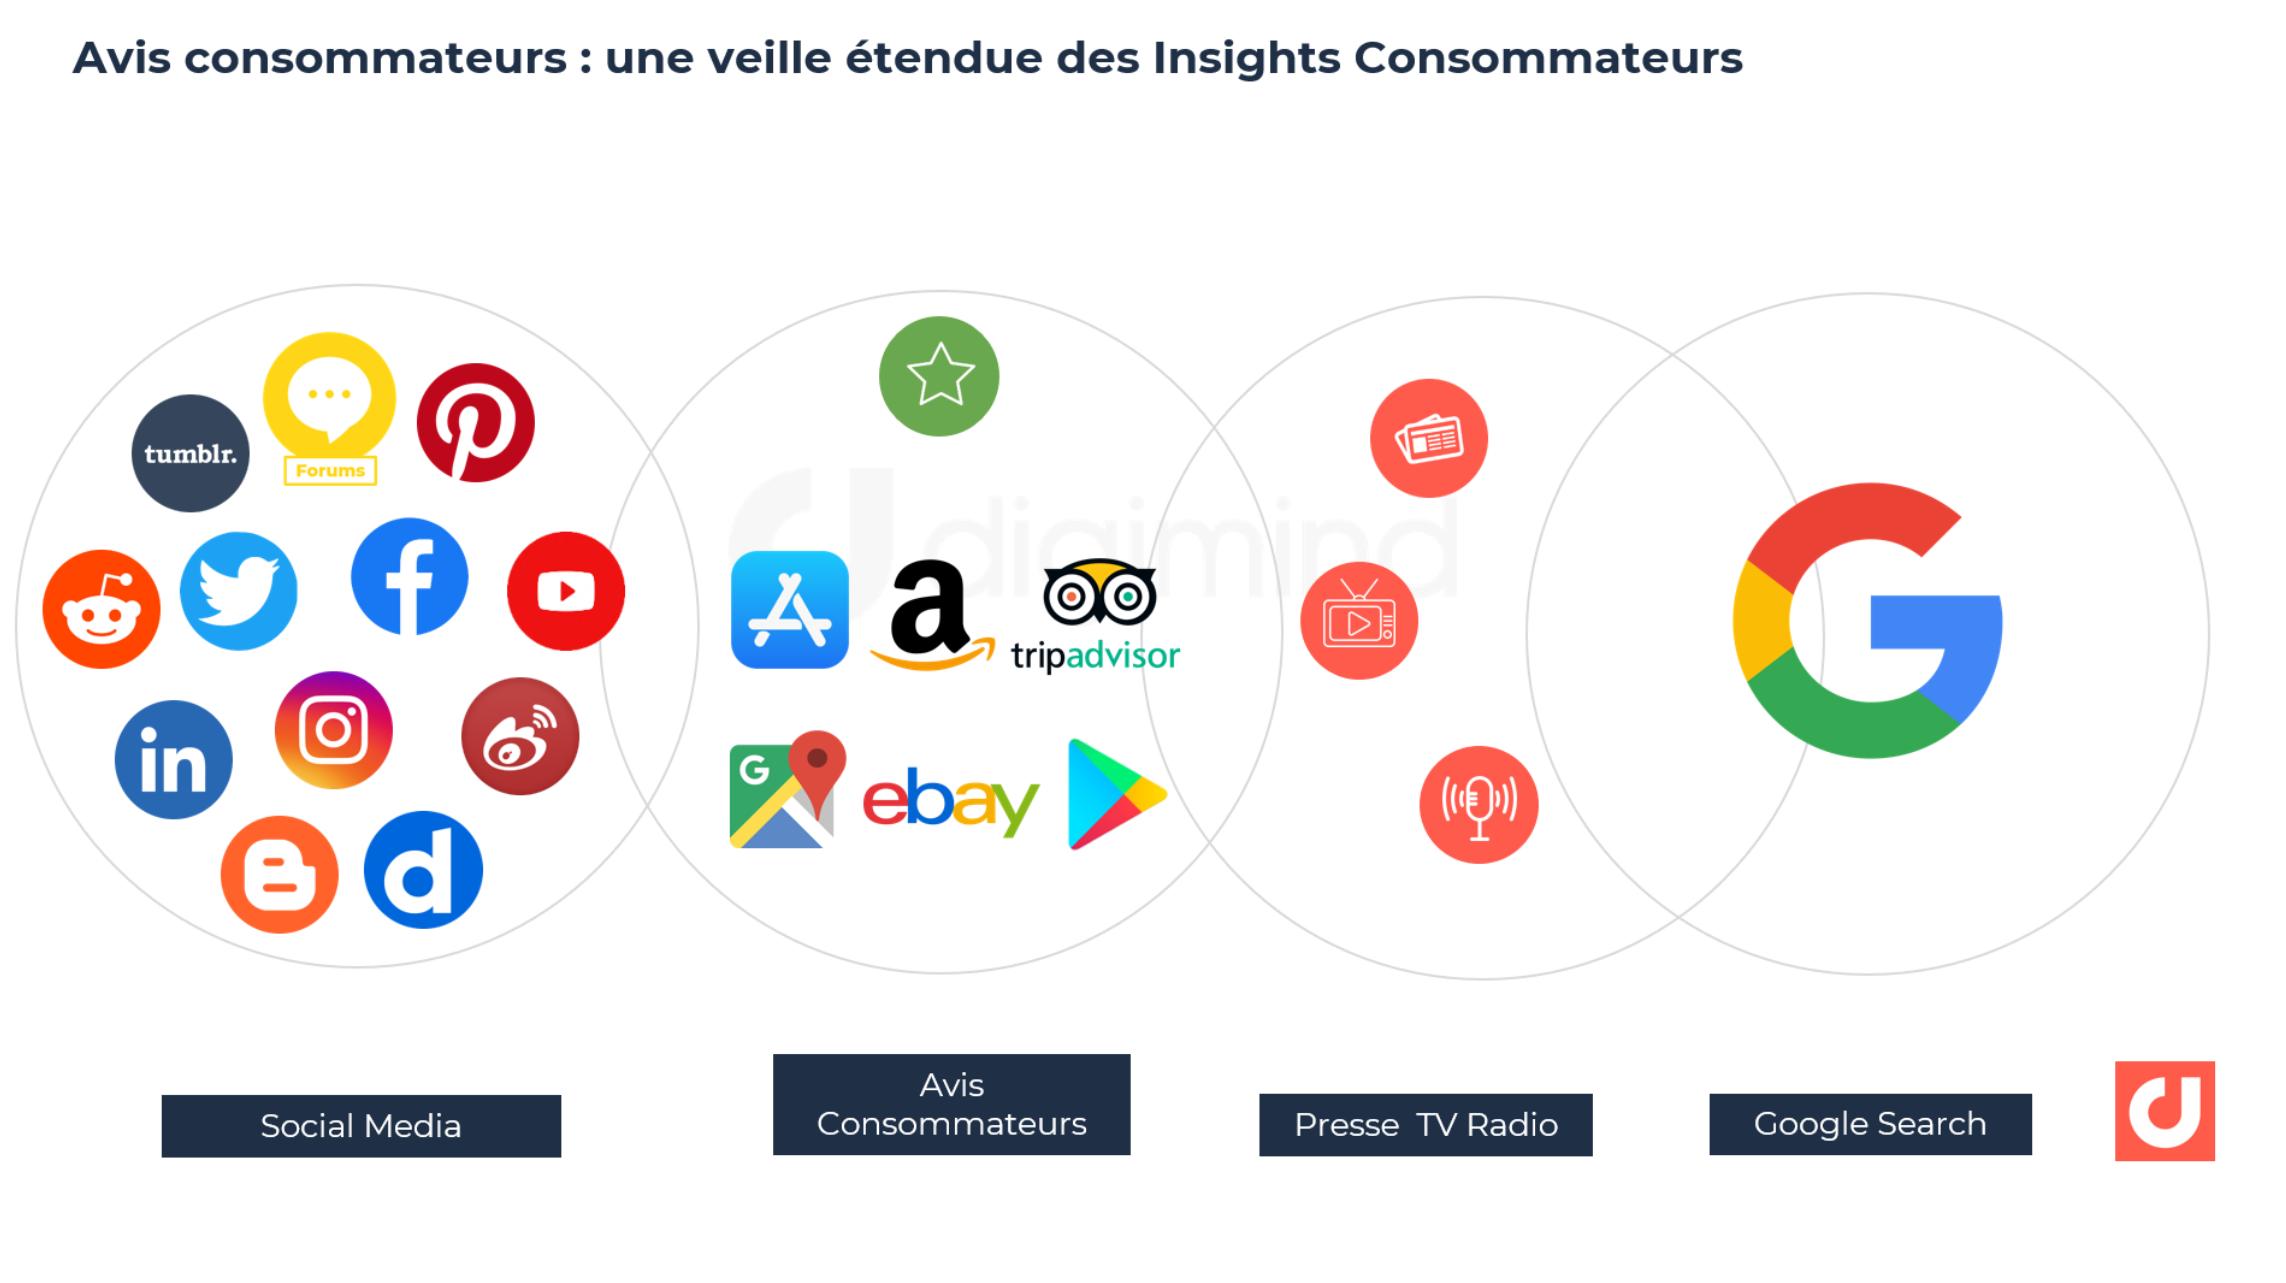 Avis consommateurs : une veille étendue des Insights Consommateurs